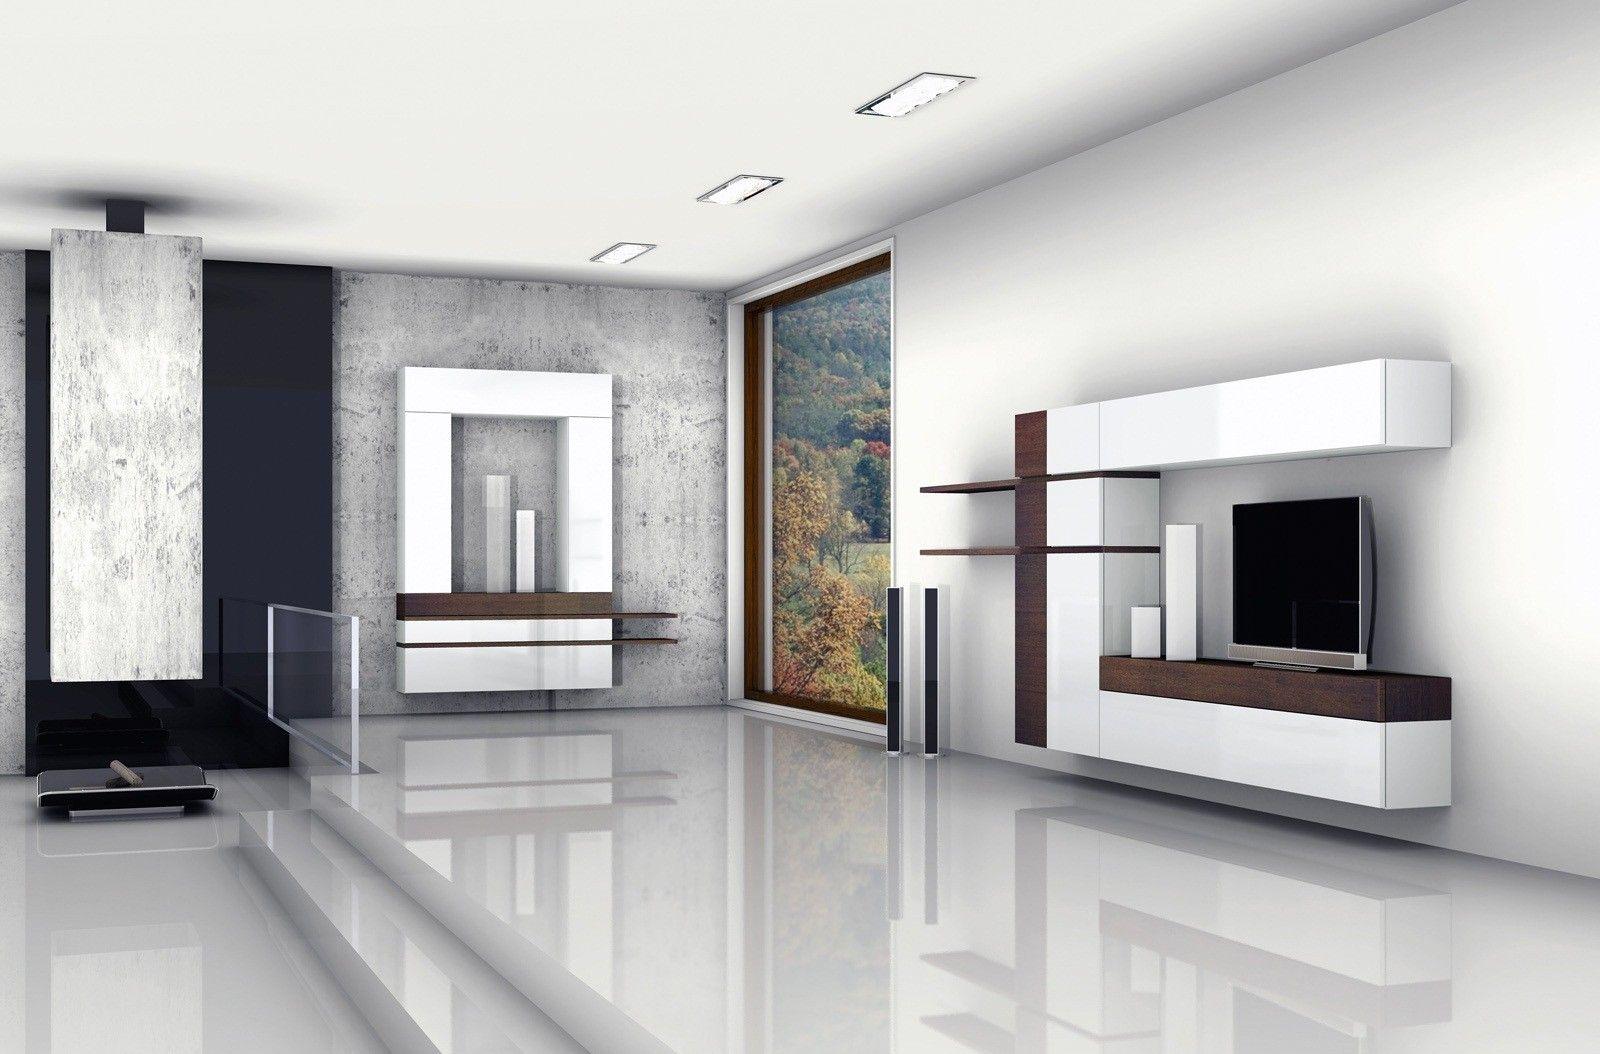 Lo siniestro en el minimalismo minimalismo concepto de for Casa minimalista concepto